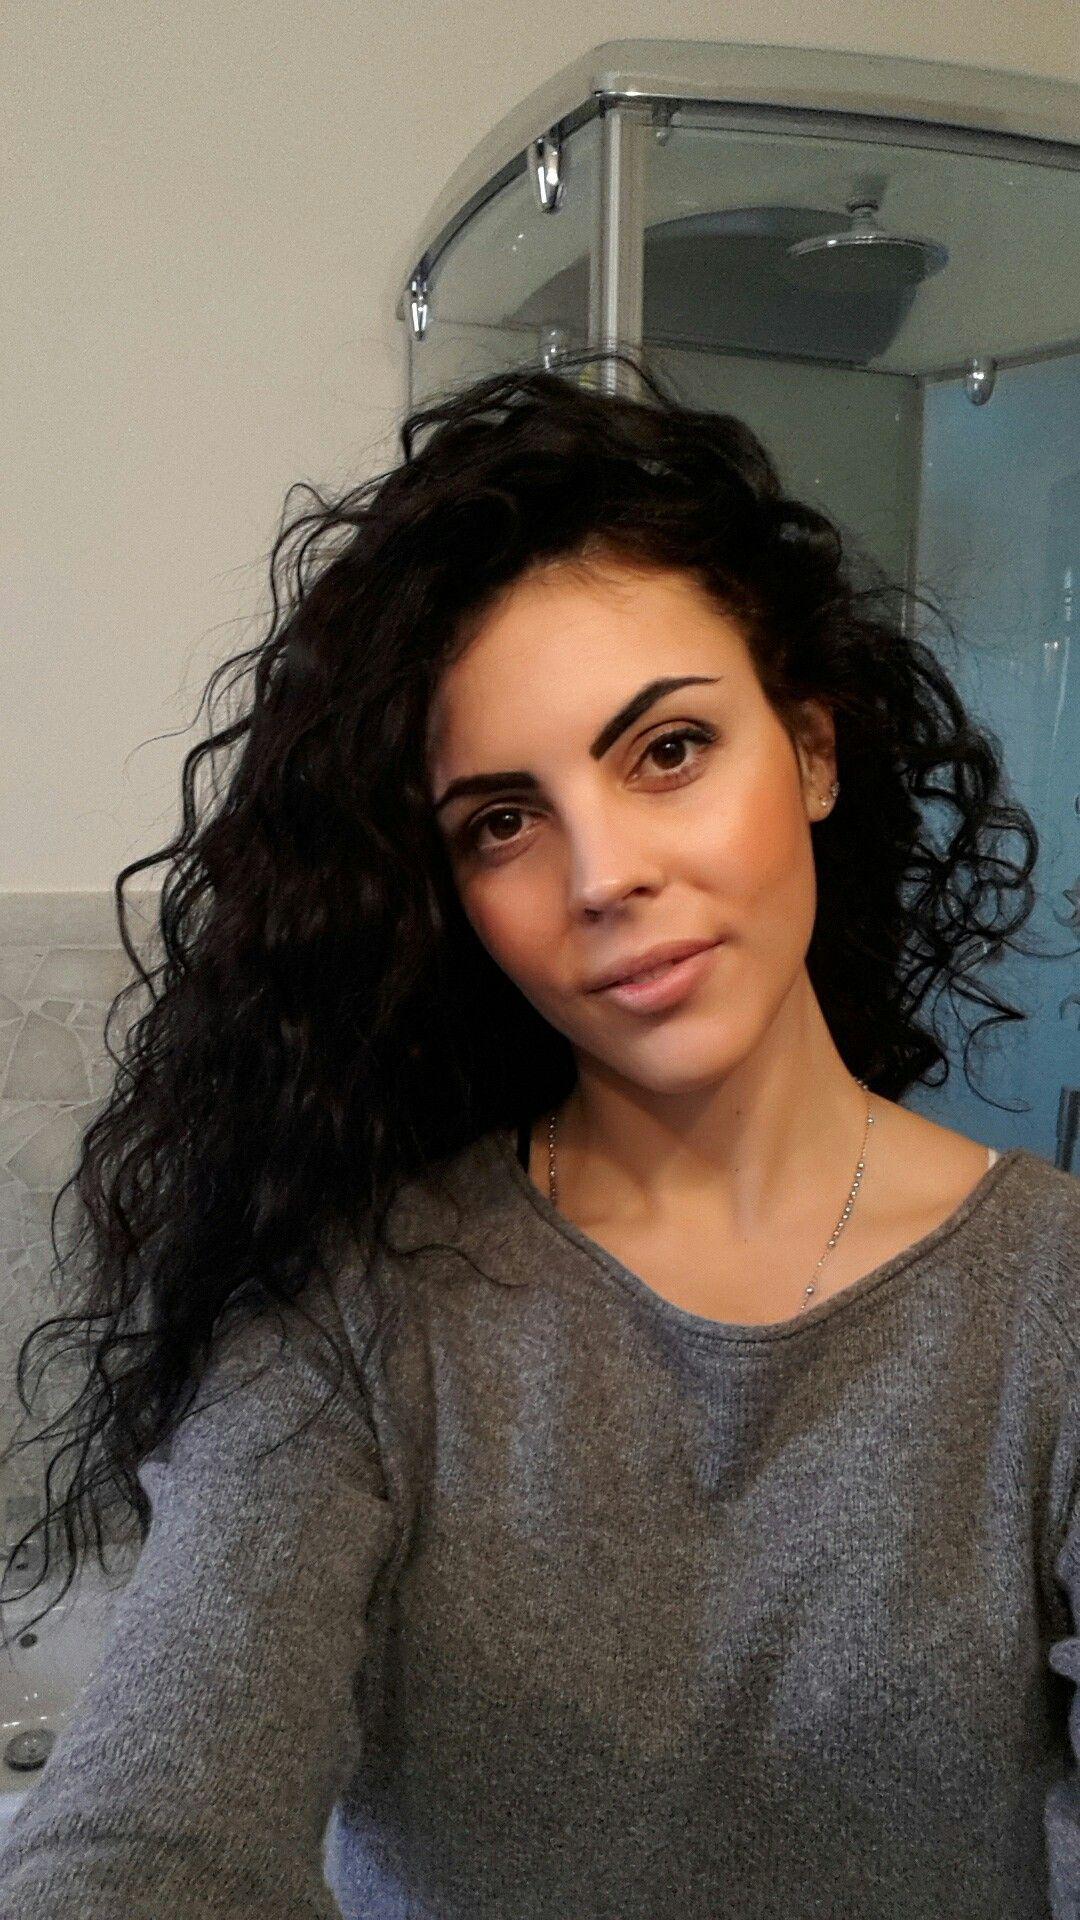 Pin di Carlotta ticchi su capelli   Capelli